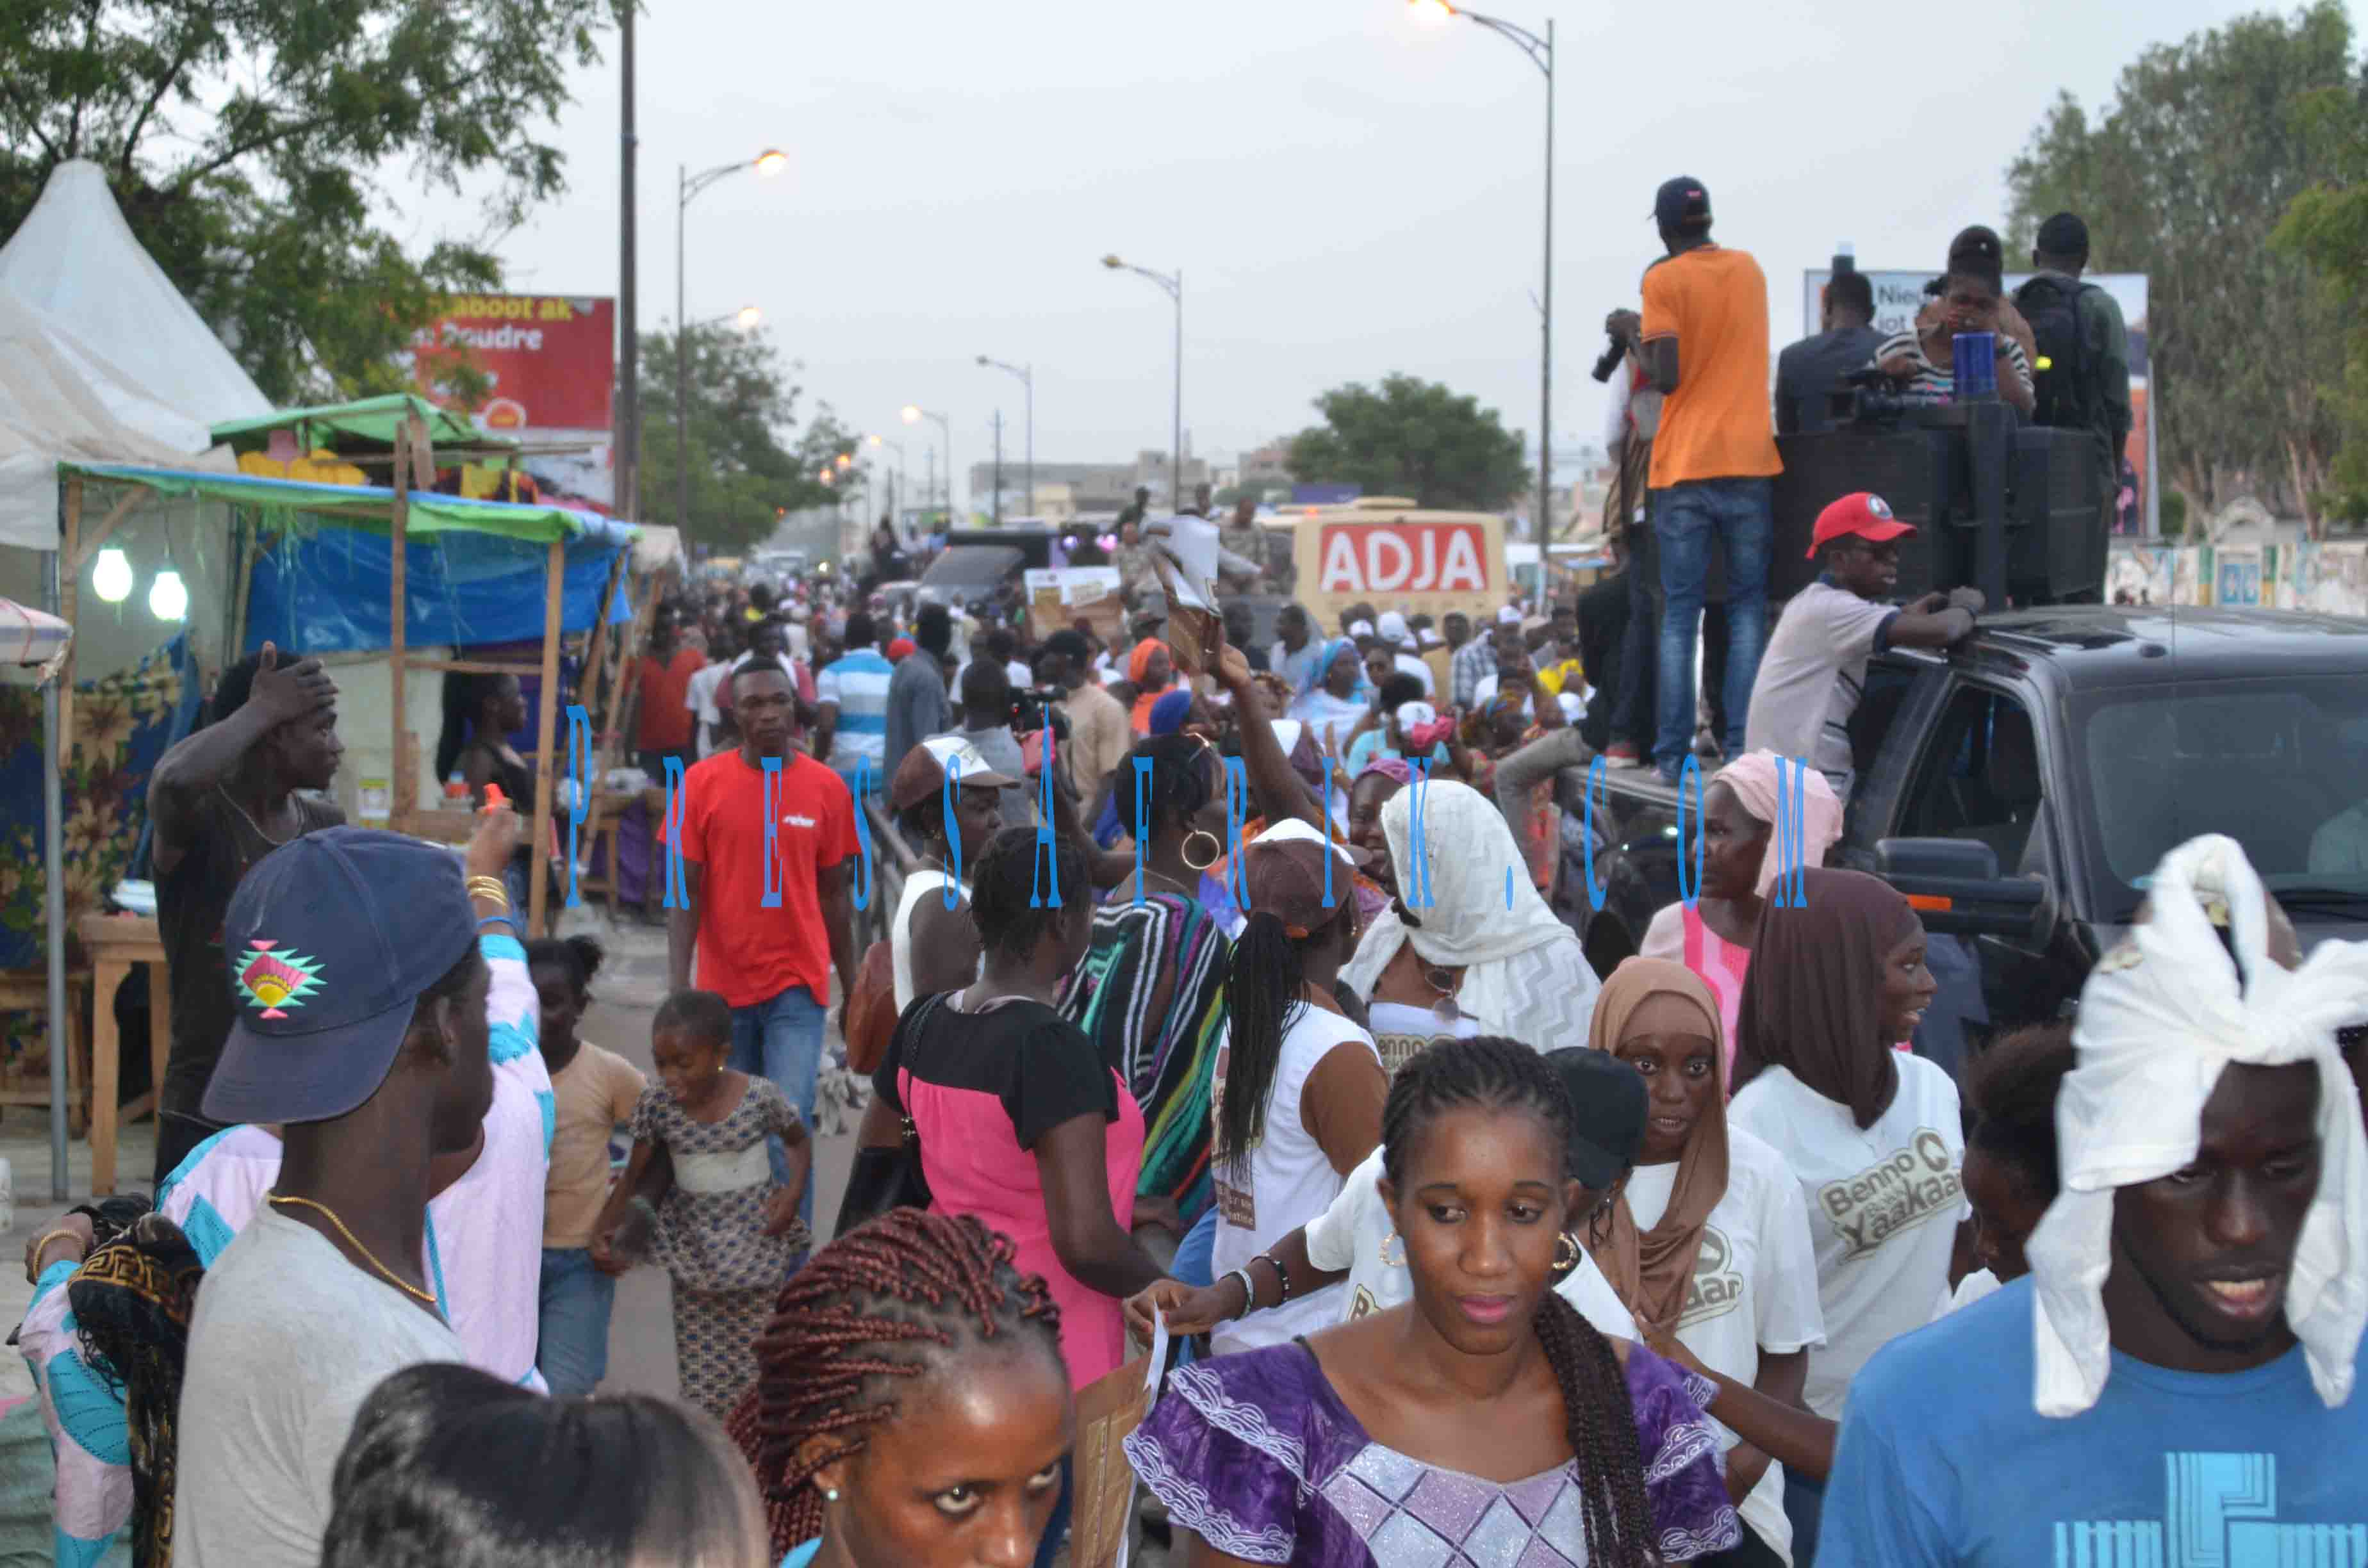 Législatives 2017 : BBY mobilise aux Hlm et à Scat Urbam (Images et videos)